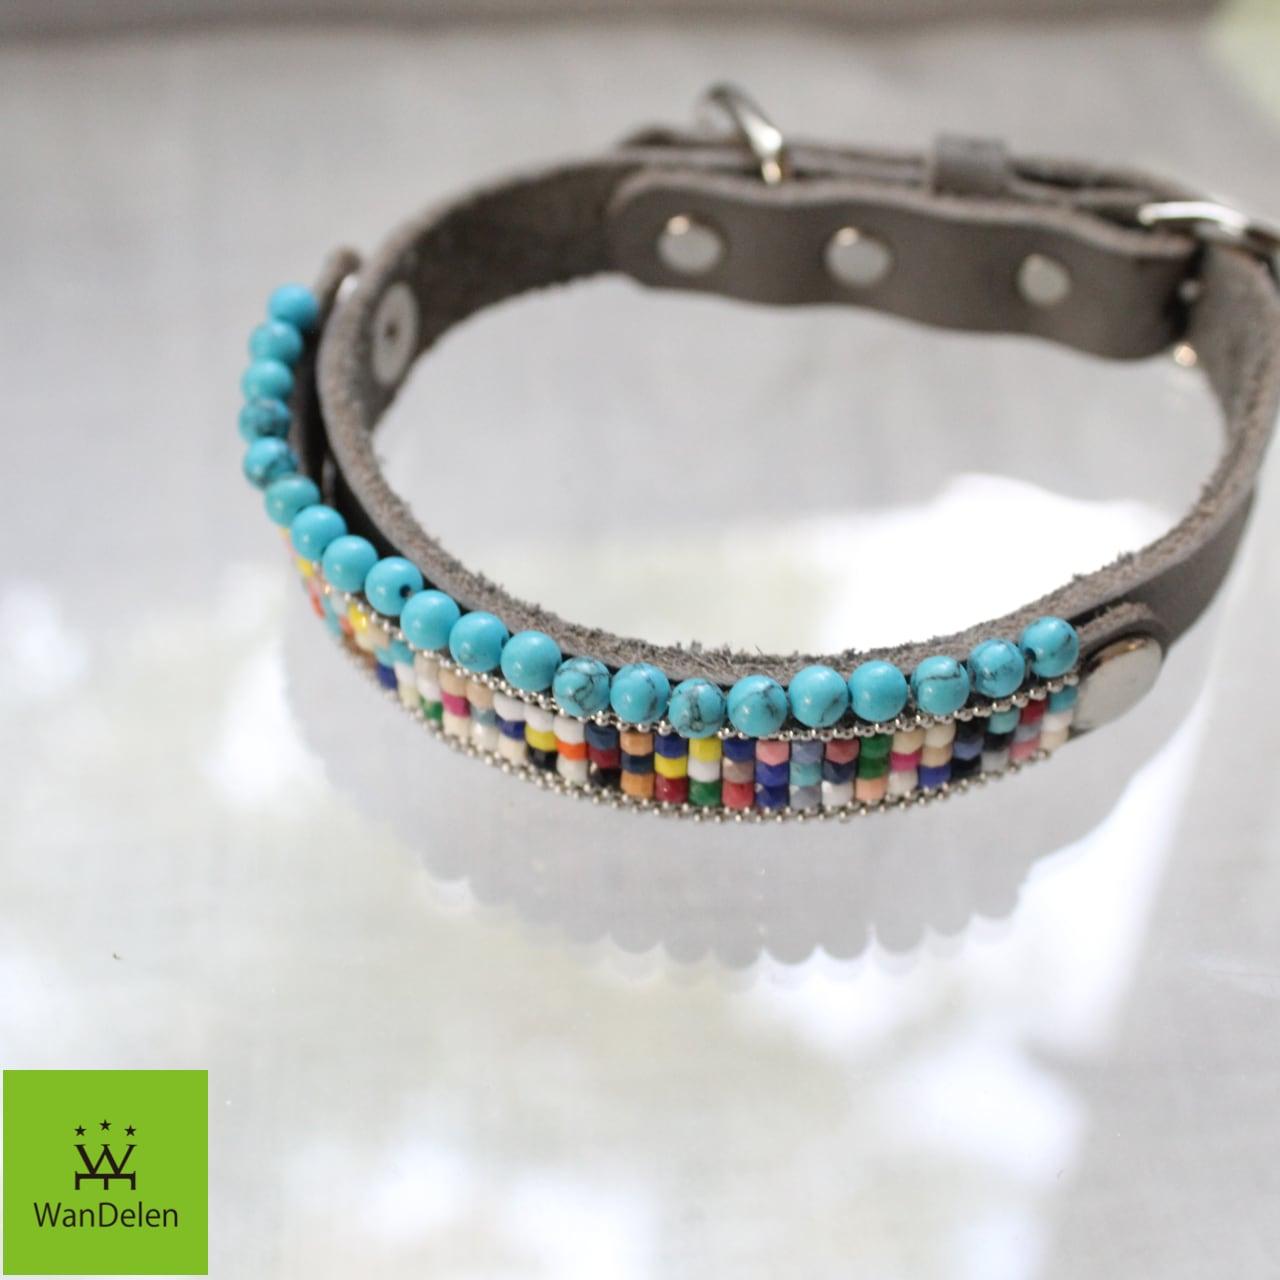 """"""" WanDelen"""" Dog Necklace (mosaic turqoize)"""